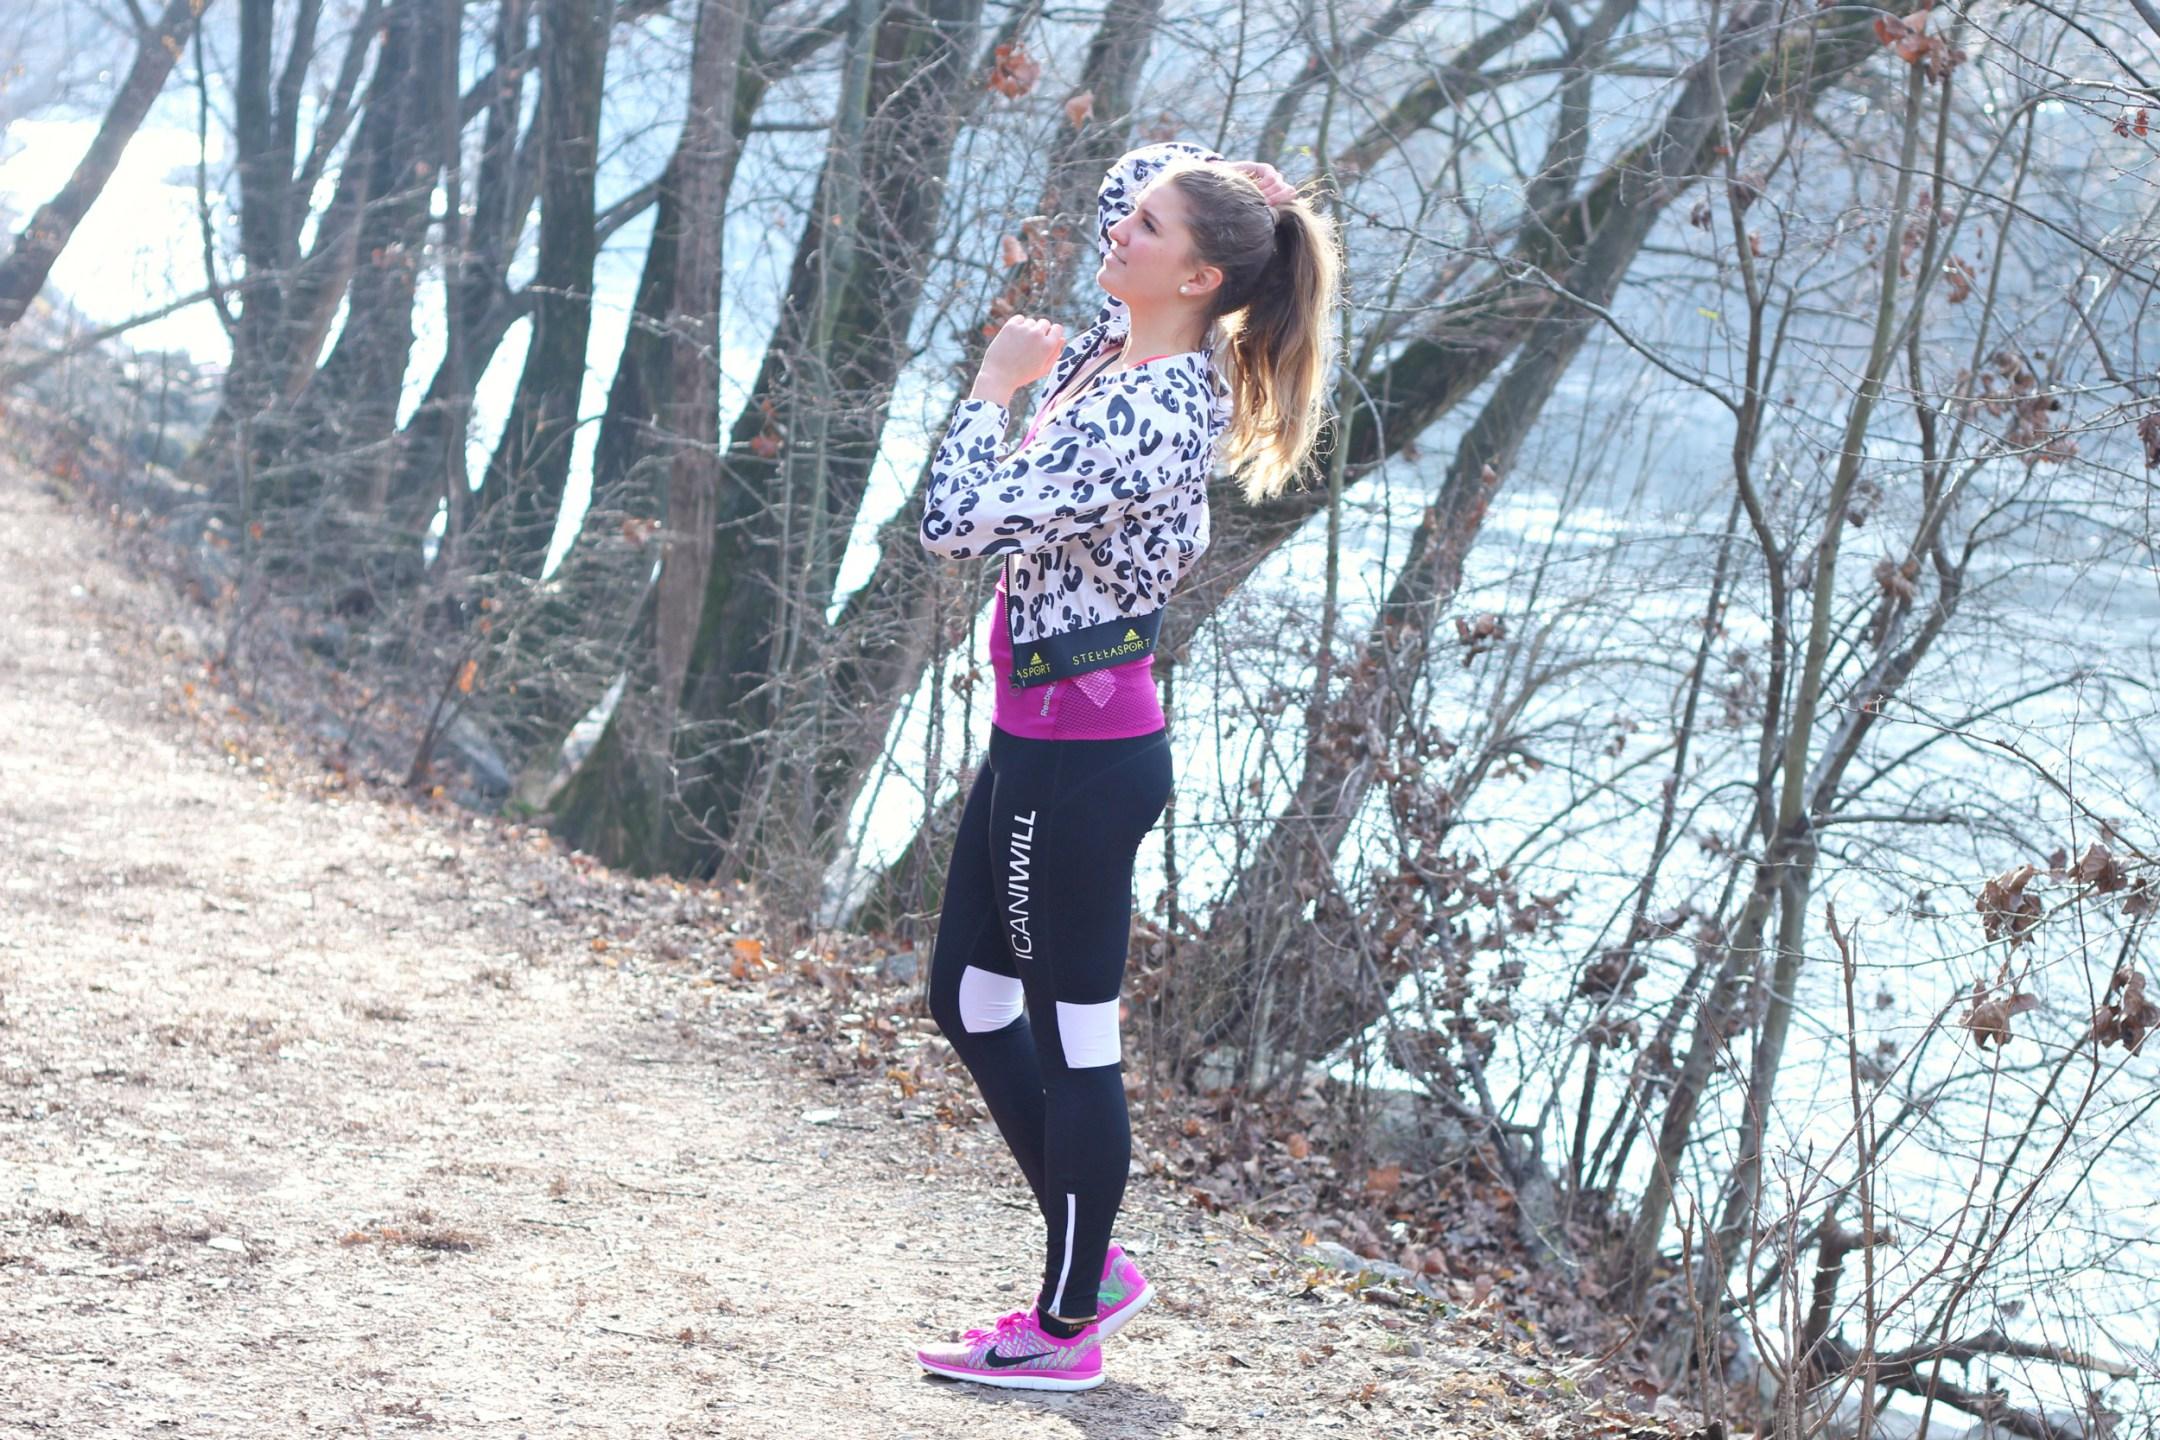 stärken-klara-fuchs-persönlichkeitsentwicklung-fitnessblog-blogger-österreich-5